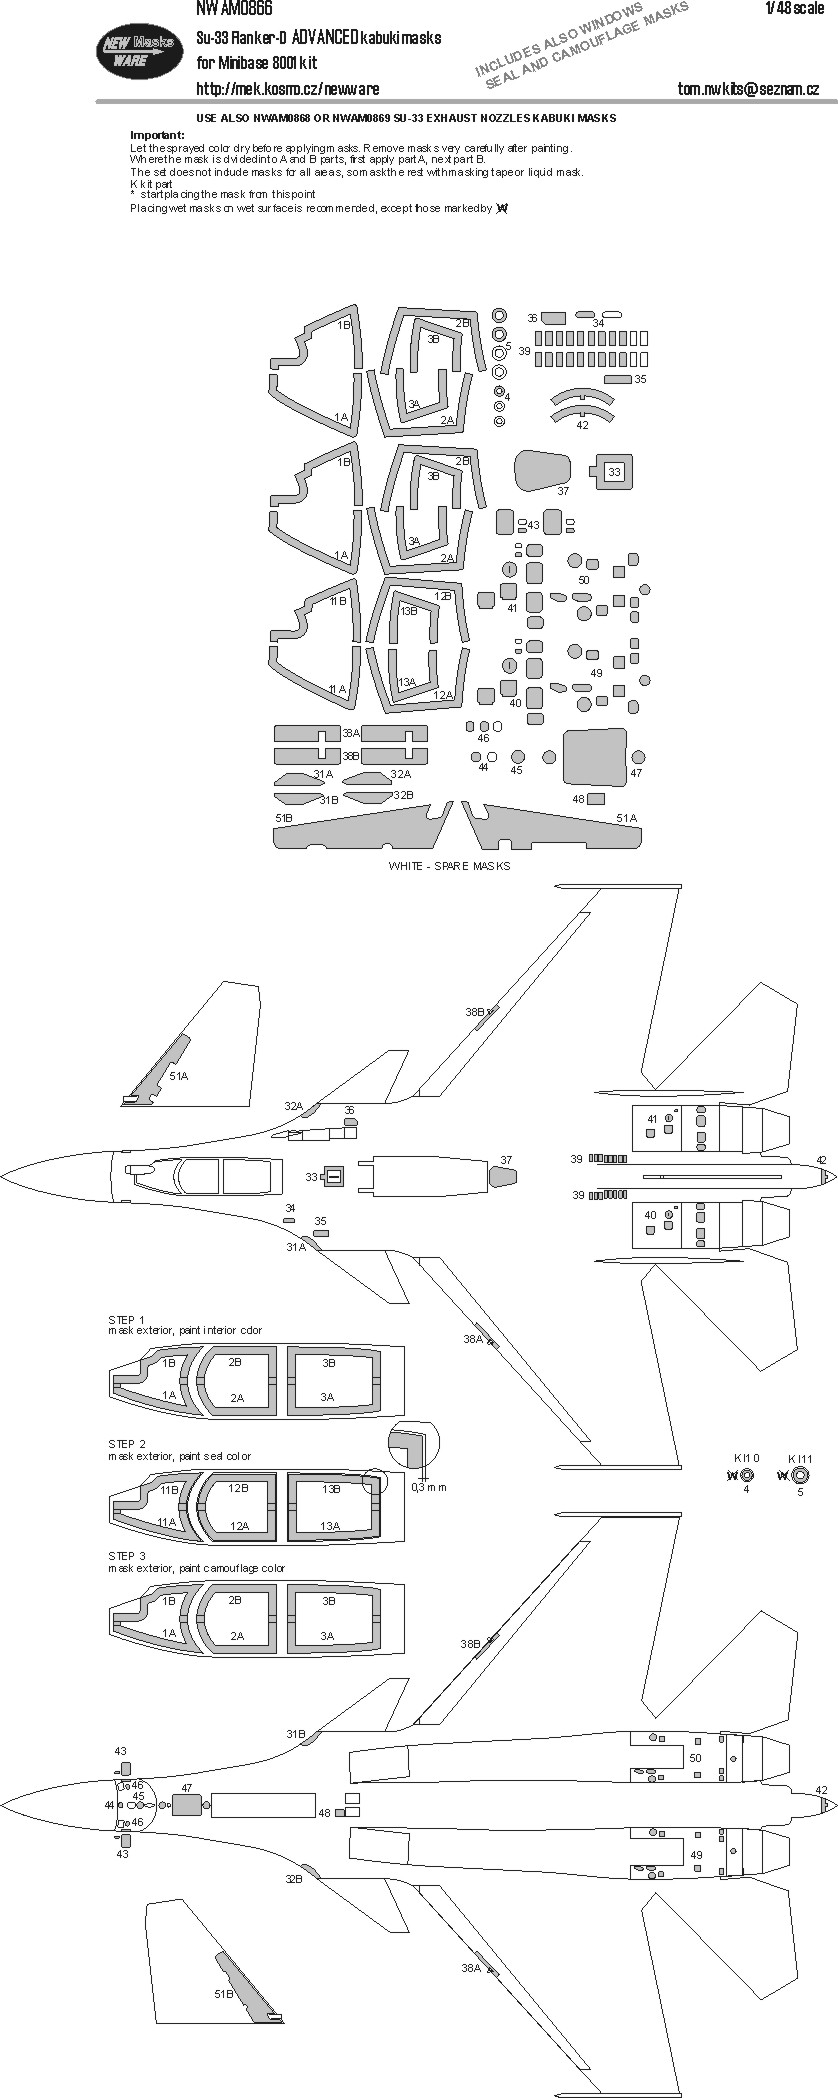 NWAM0866